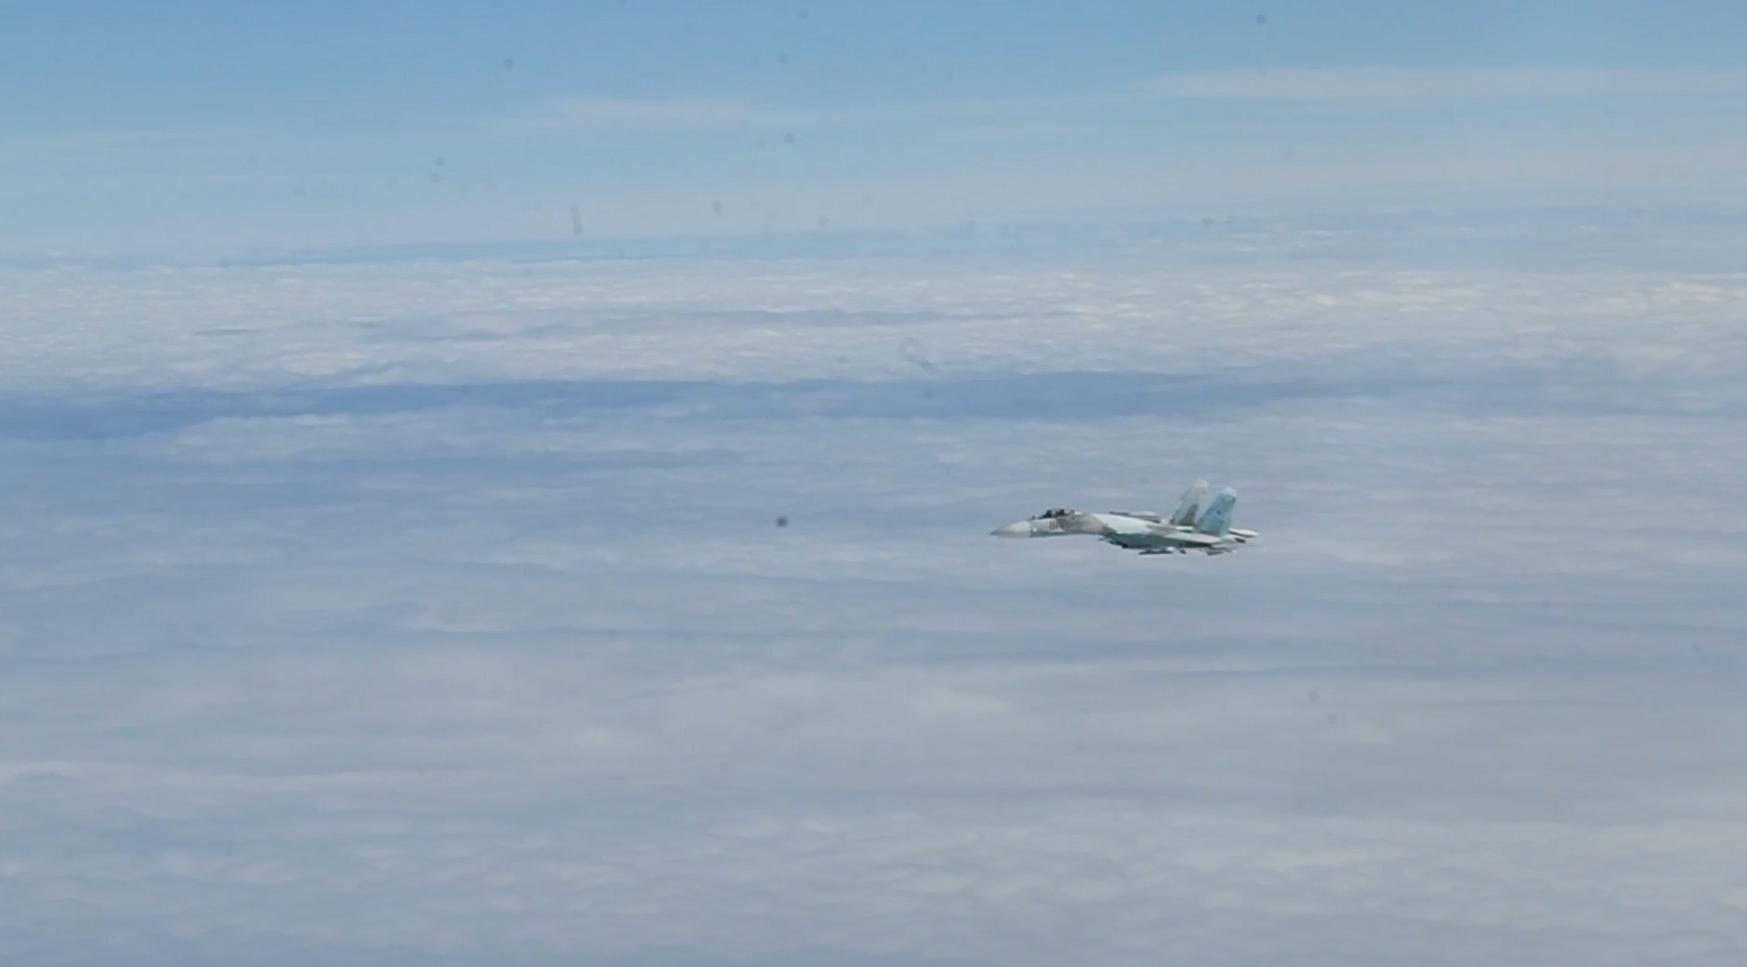 Су-27 перехватывает В-52. Другой российский истребитель последовал за самолетом США в воздушное пространство Дании.